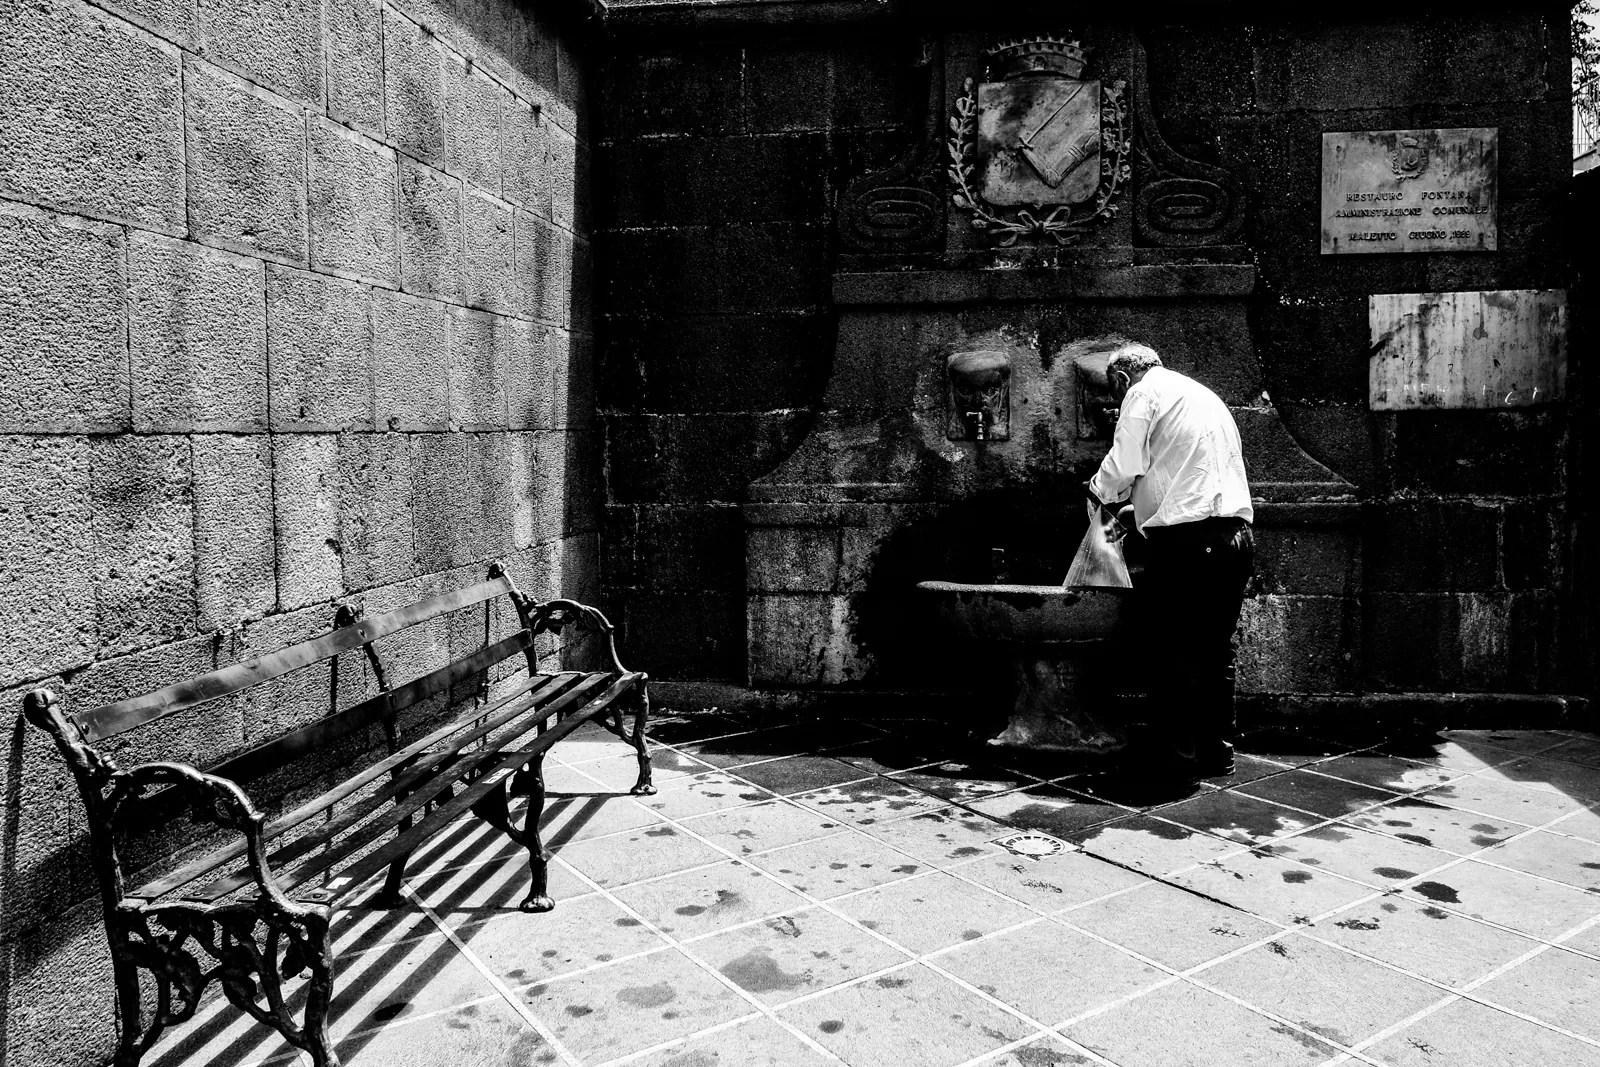 DSCF0529 - Un Giorno di festa - Sagra a Maletto [Street Photography] - fotostreet.it